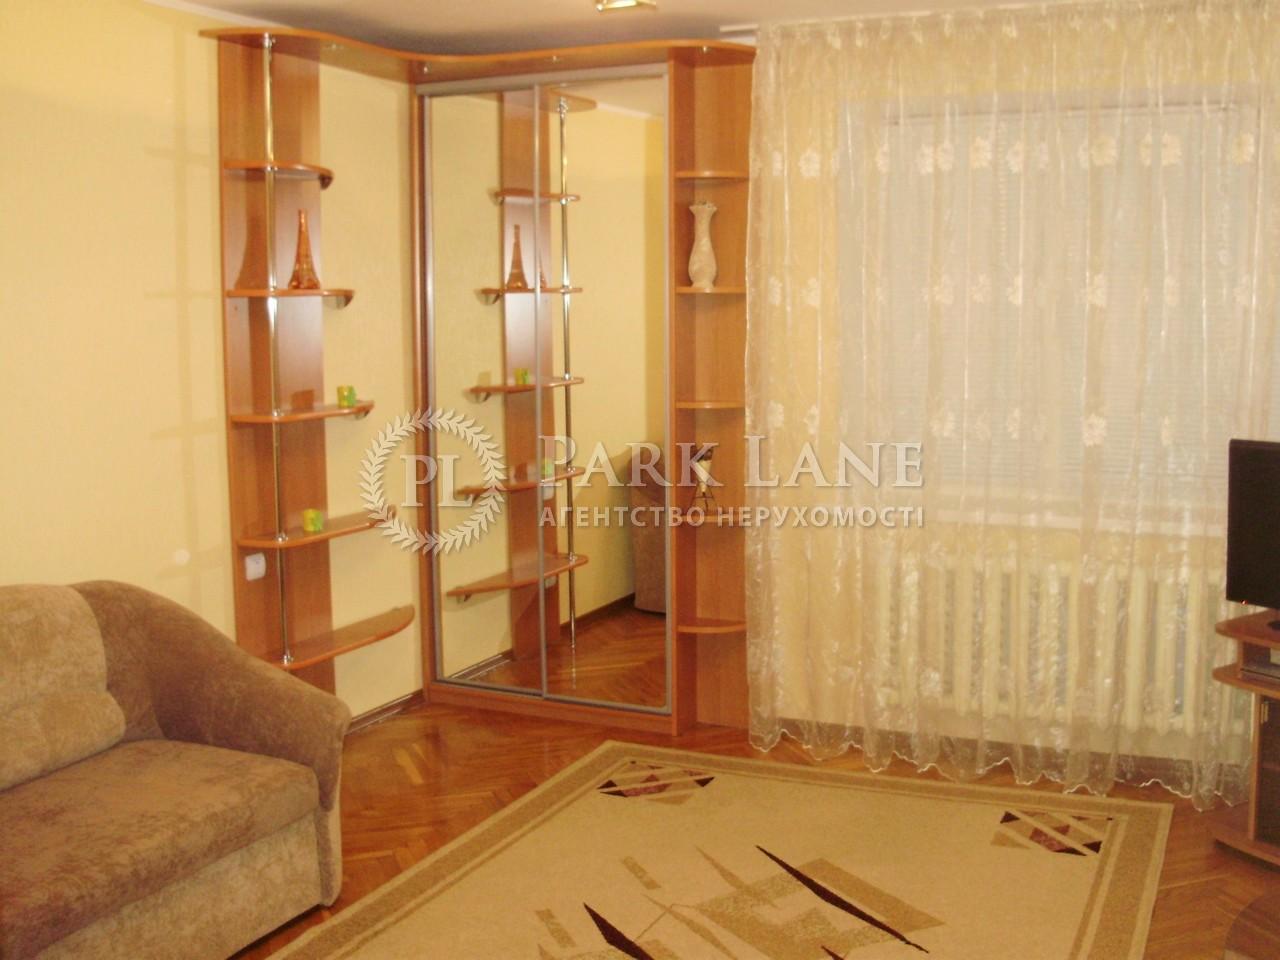 Квартира ул. Антоновича (Горького), 164, Киев, H-5793 - Фото 3